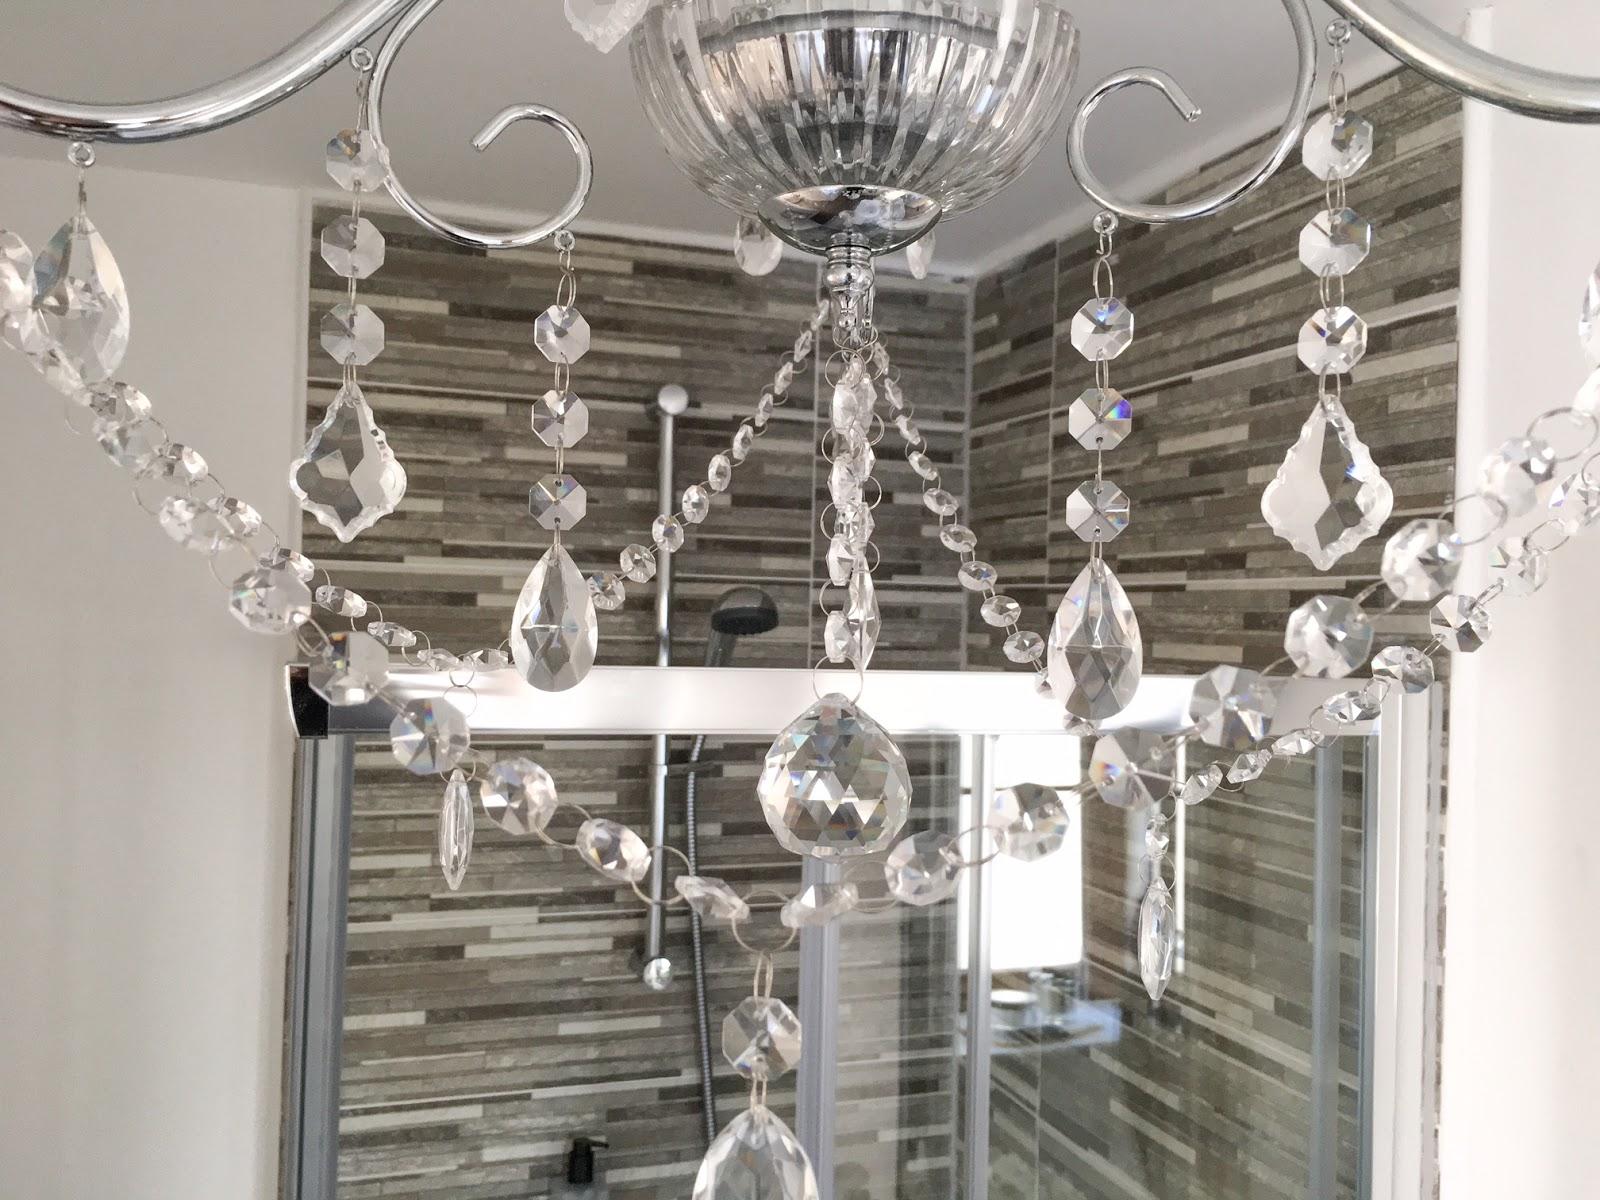 Vara 3 Light Bathroom Chandelier - A